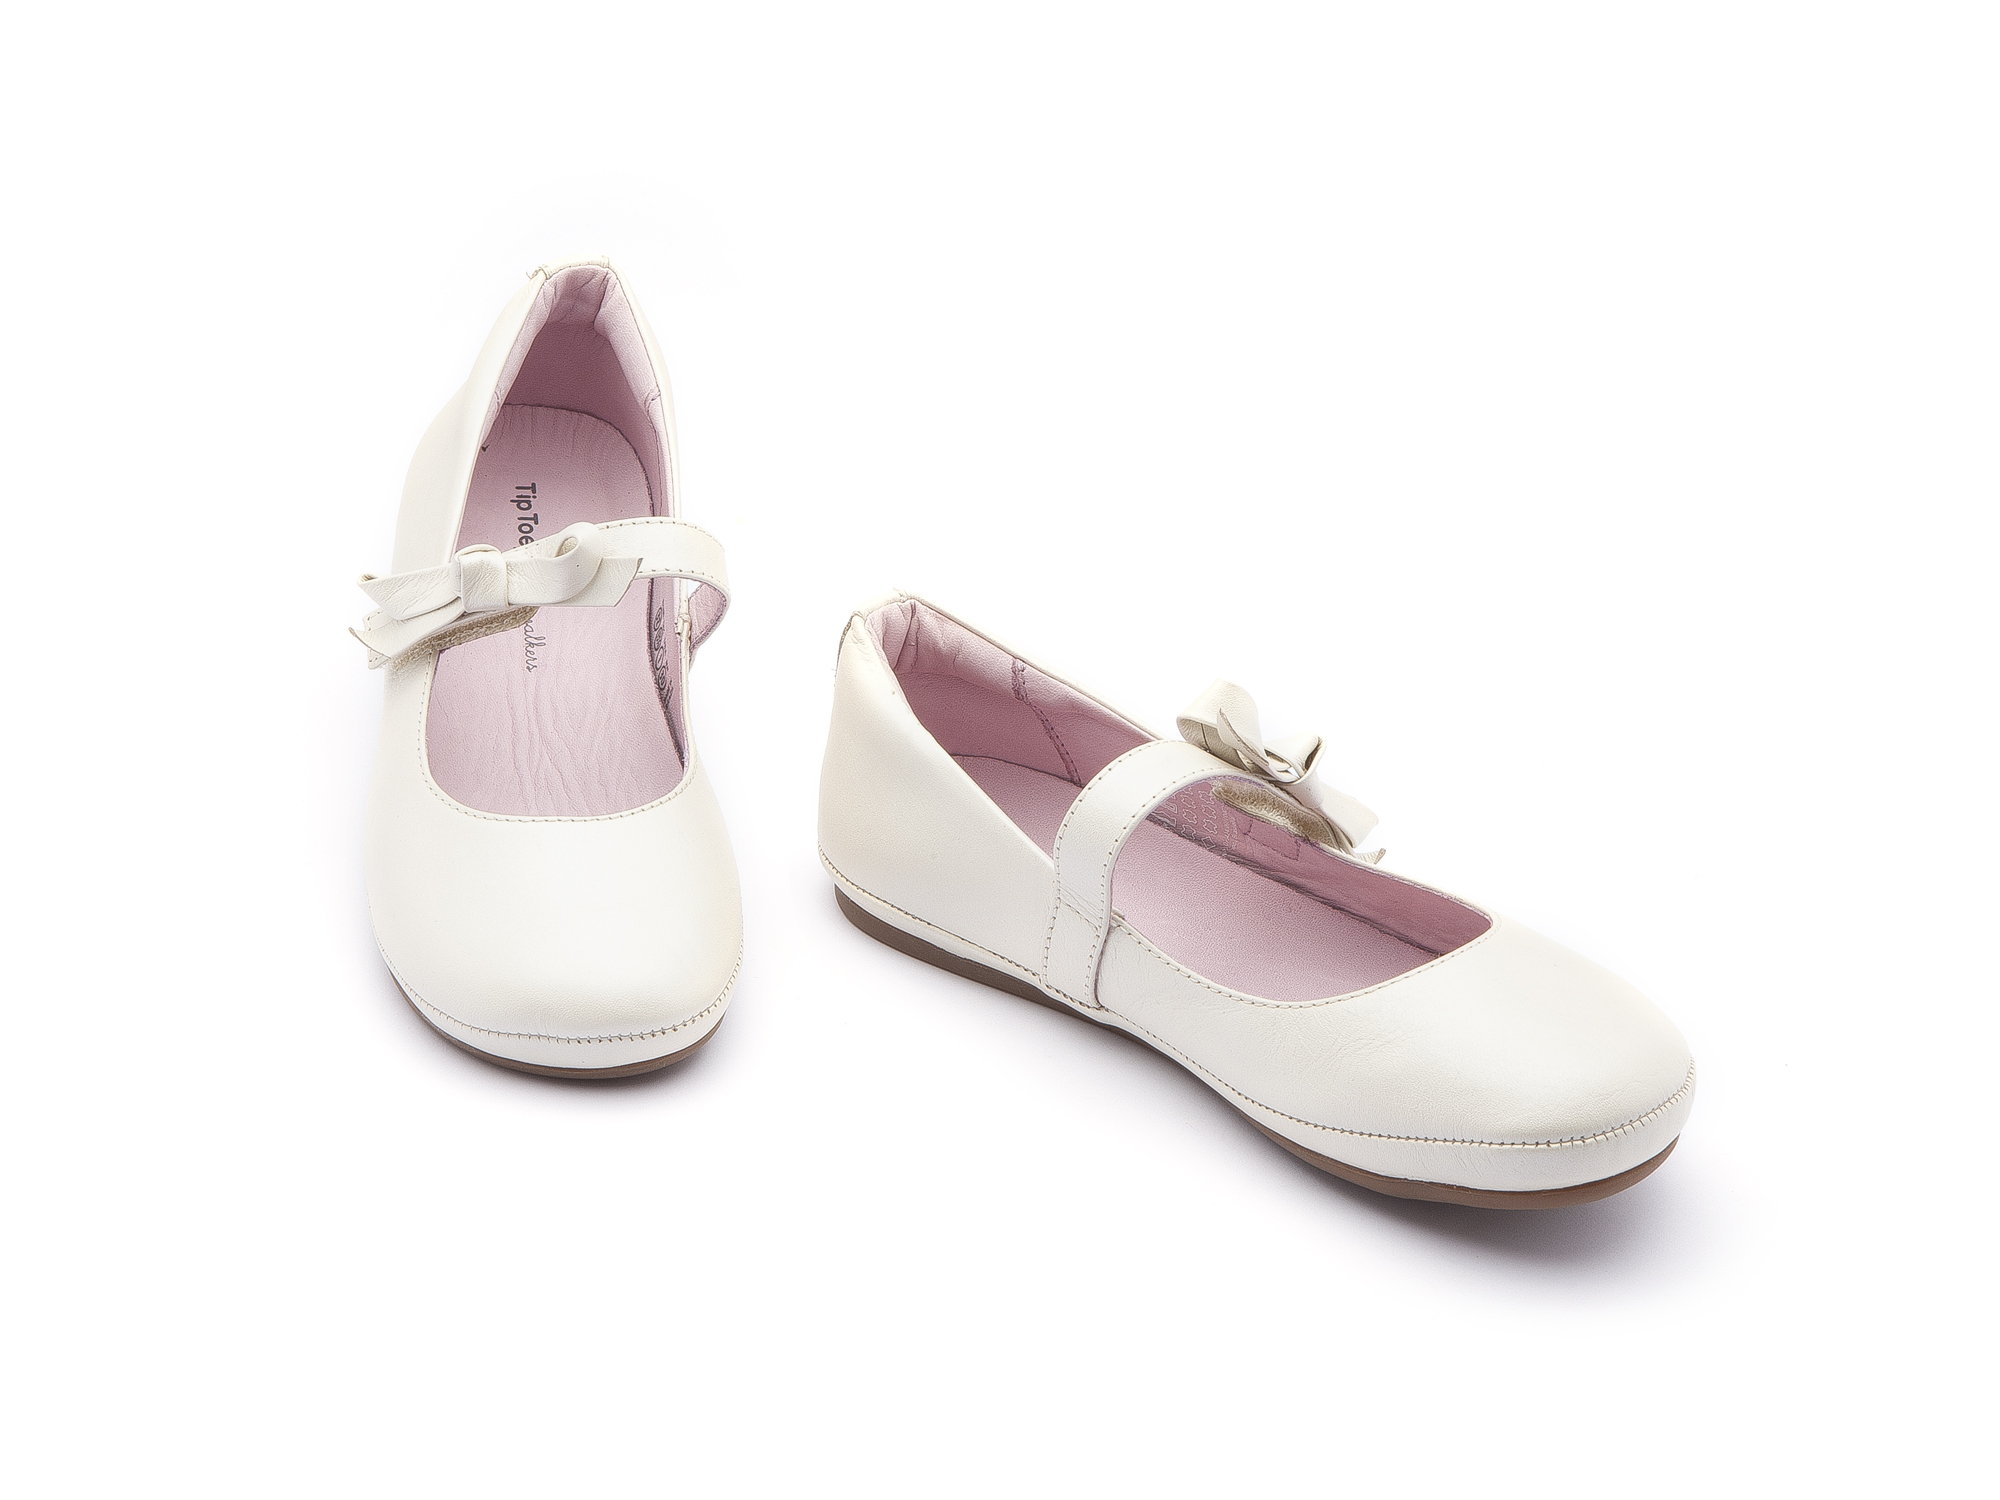 Boneca Doroth Antique White  Junior 4 à 8 anos - 1